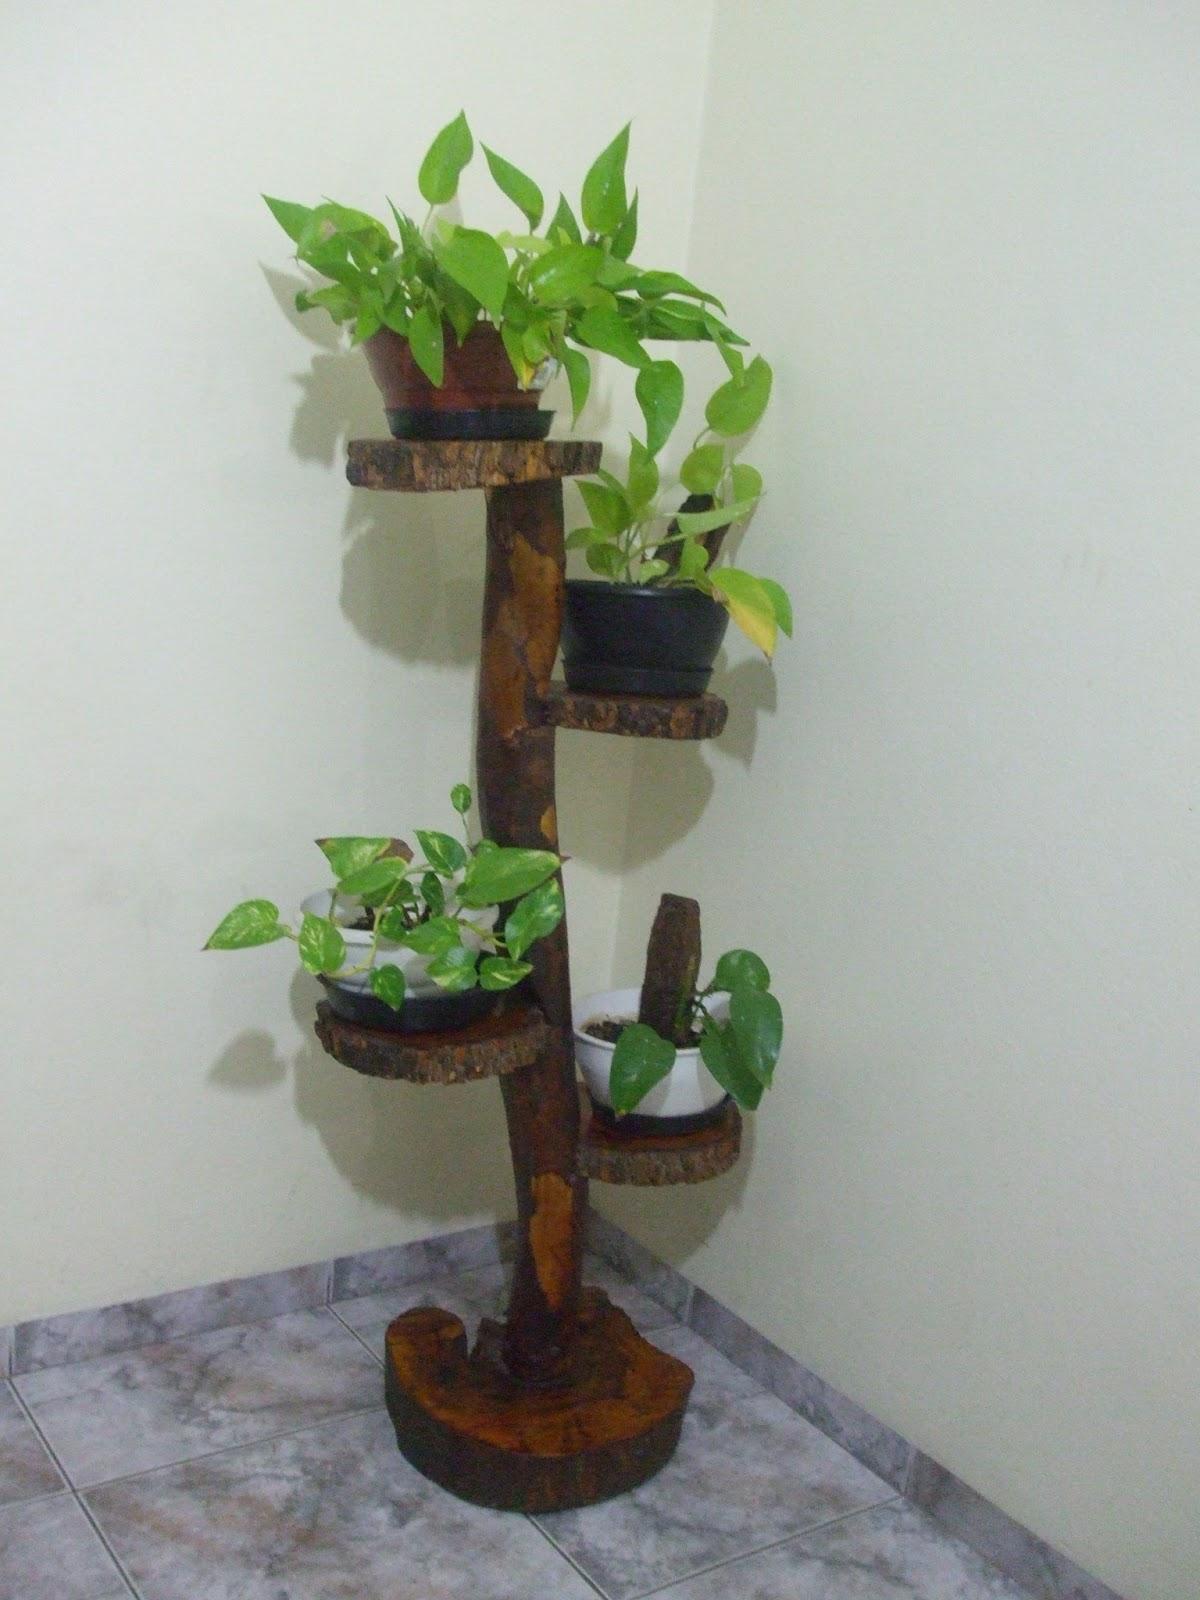 decoracao de sala unica:Esta planta é coringa pois, além de dar um toque de verde e natureza